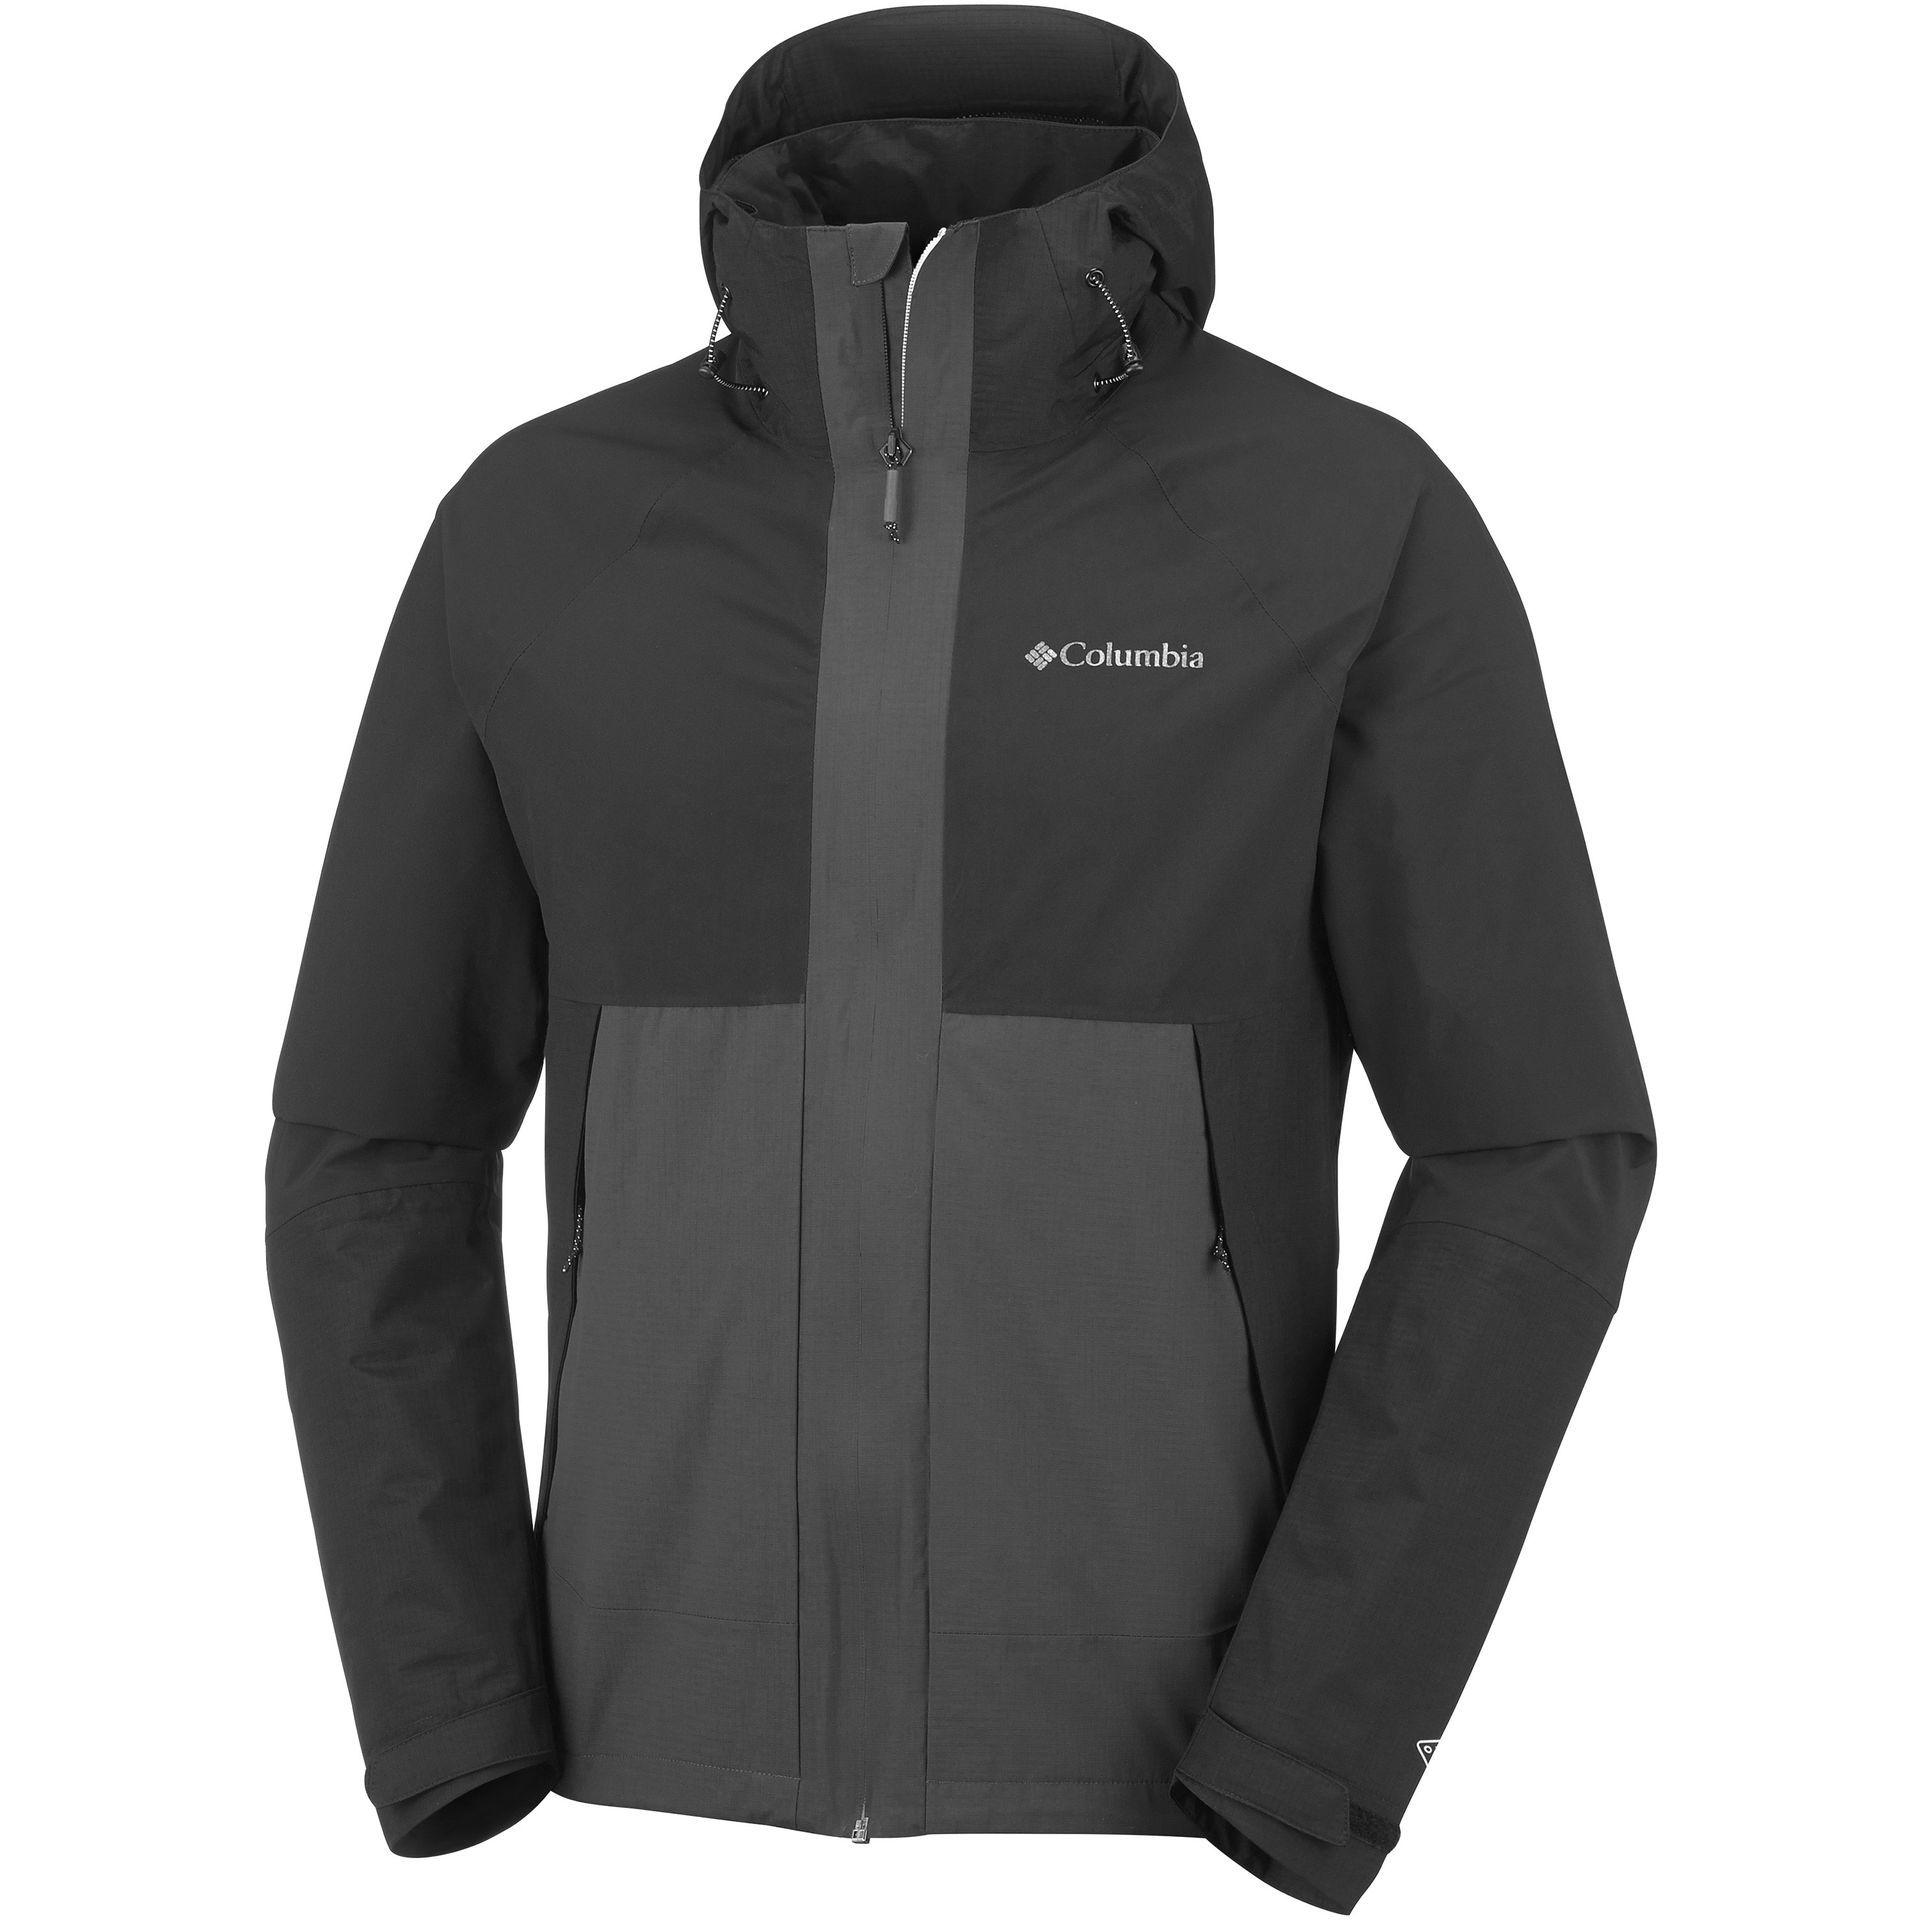 Columbia Men's Evolution Valley Rain Jacket - £43.95 @ Amazon